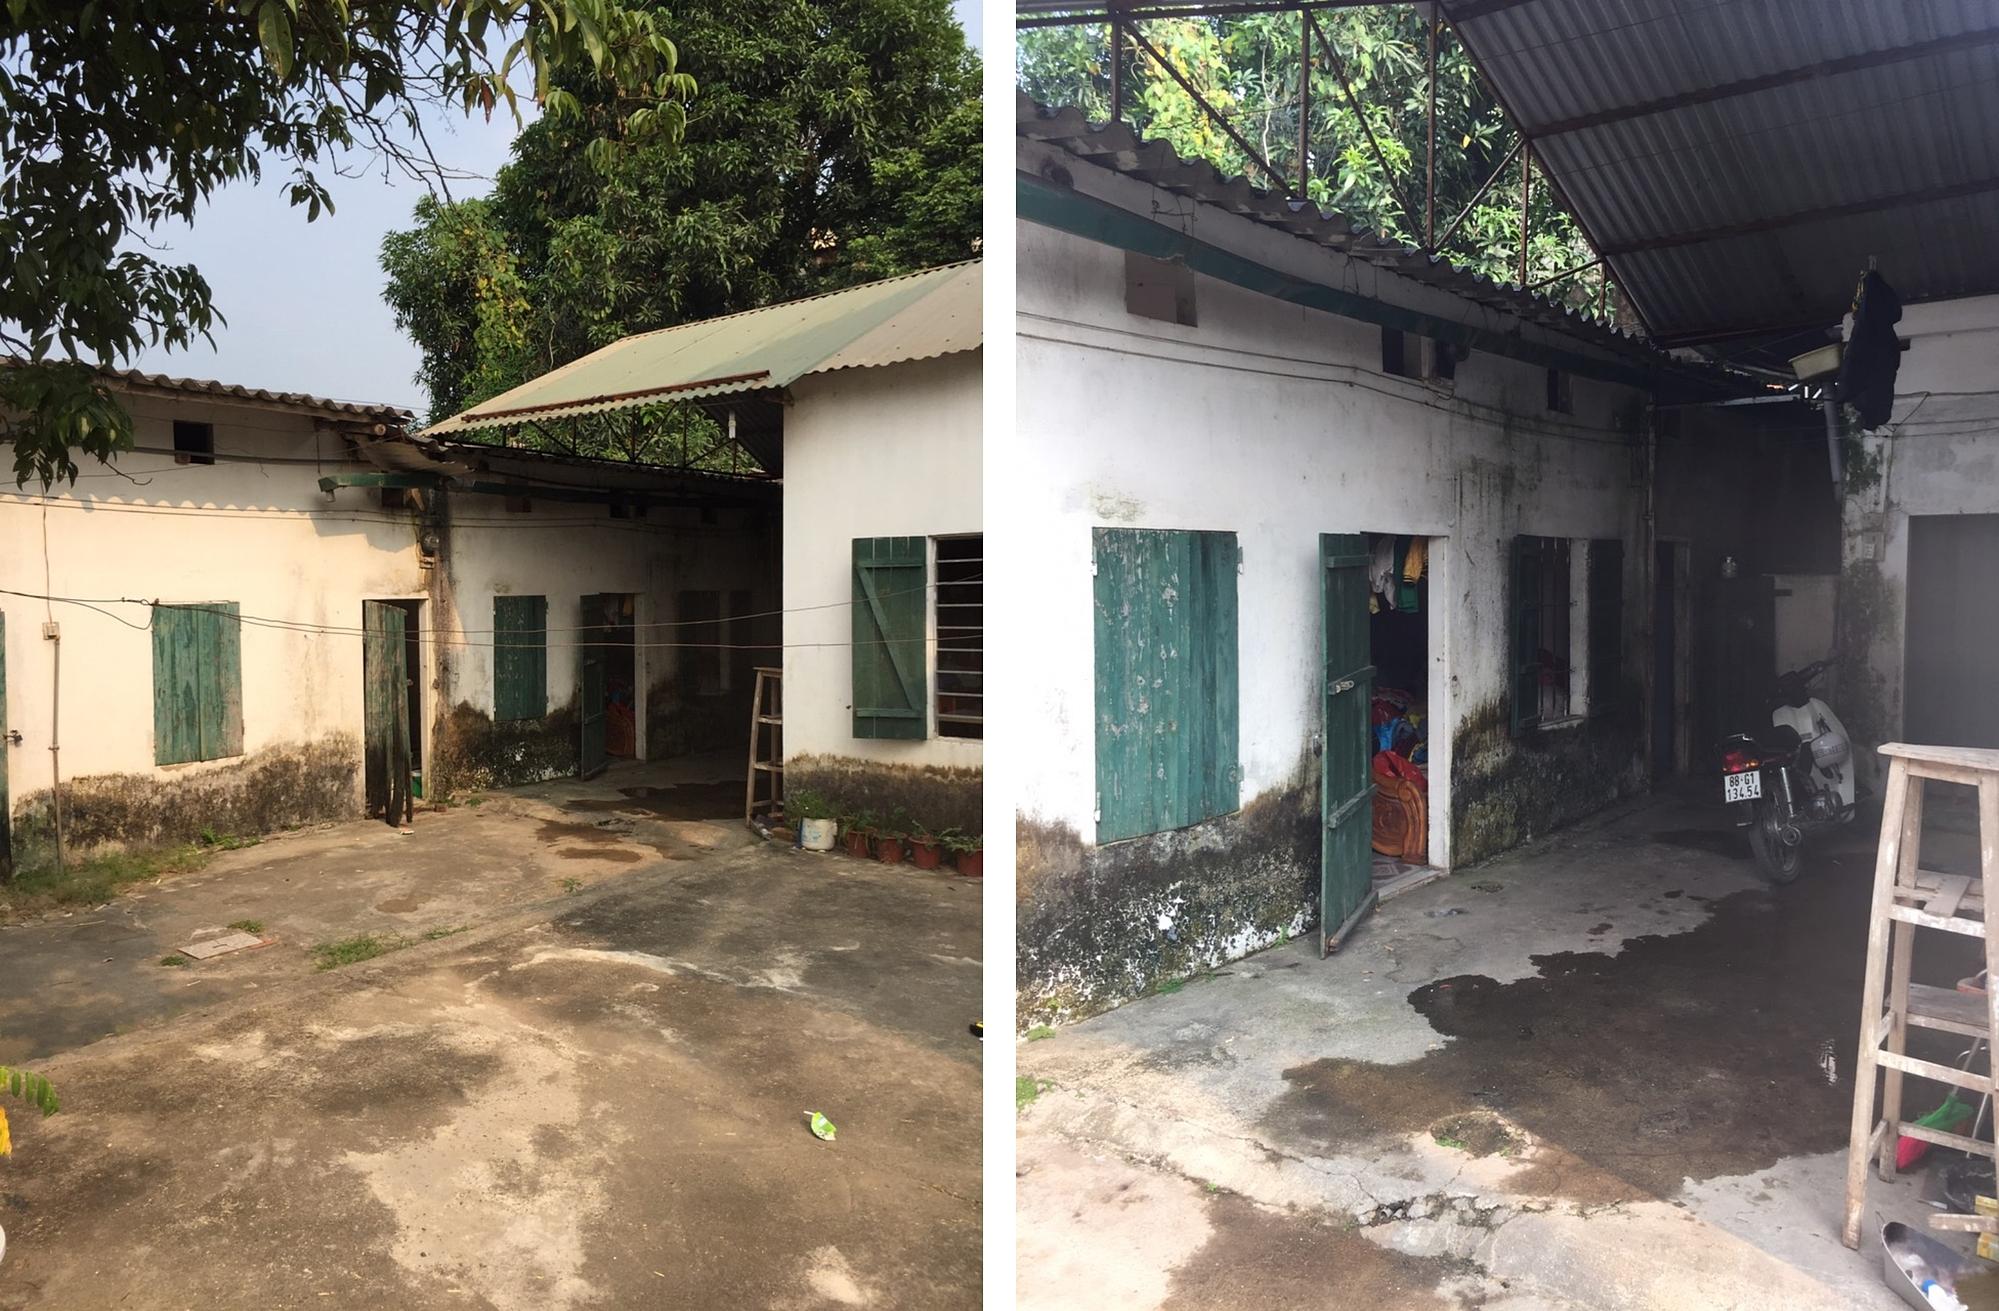 Trước cải tạo, căn nhà đã xuống cấp và không còn phù hợp với nhu cầu sinh hoạt của gia đình sáu người.